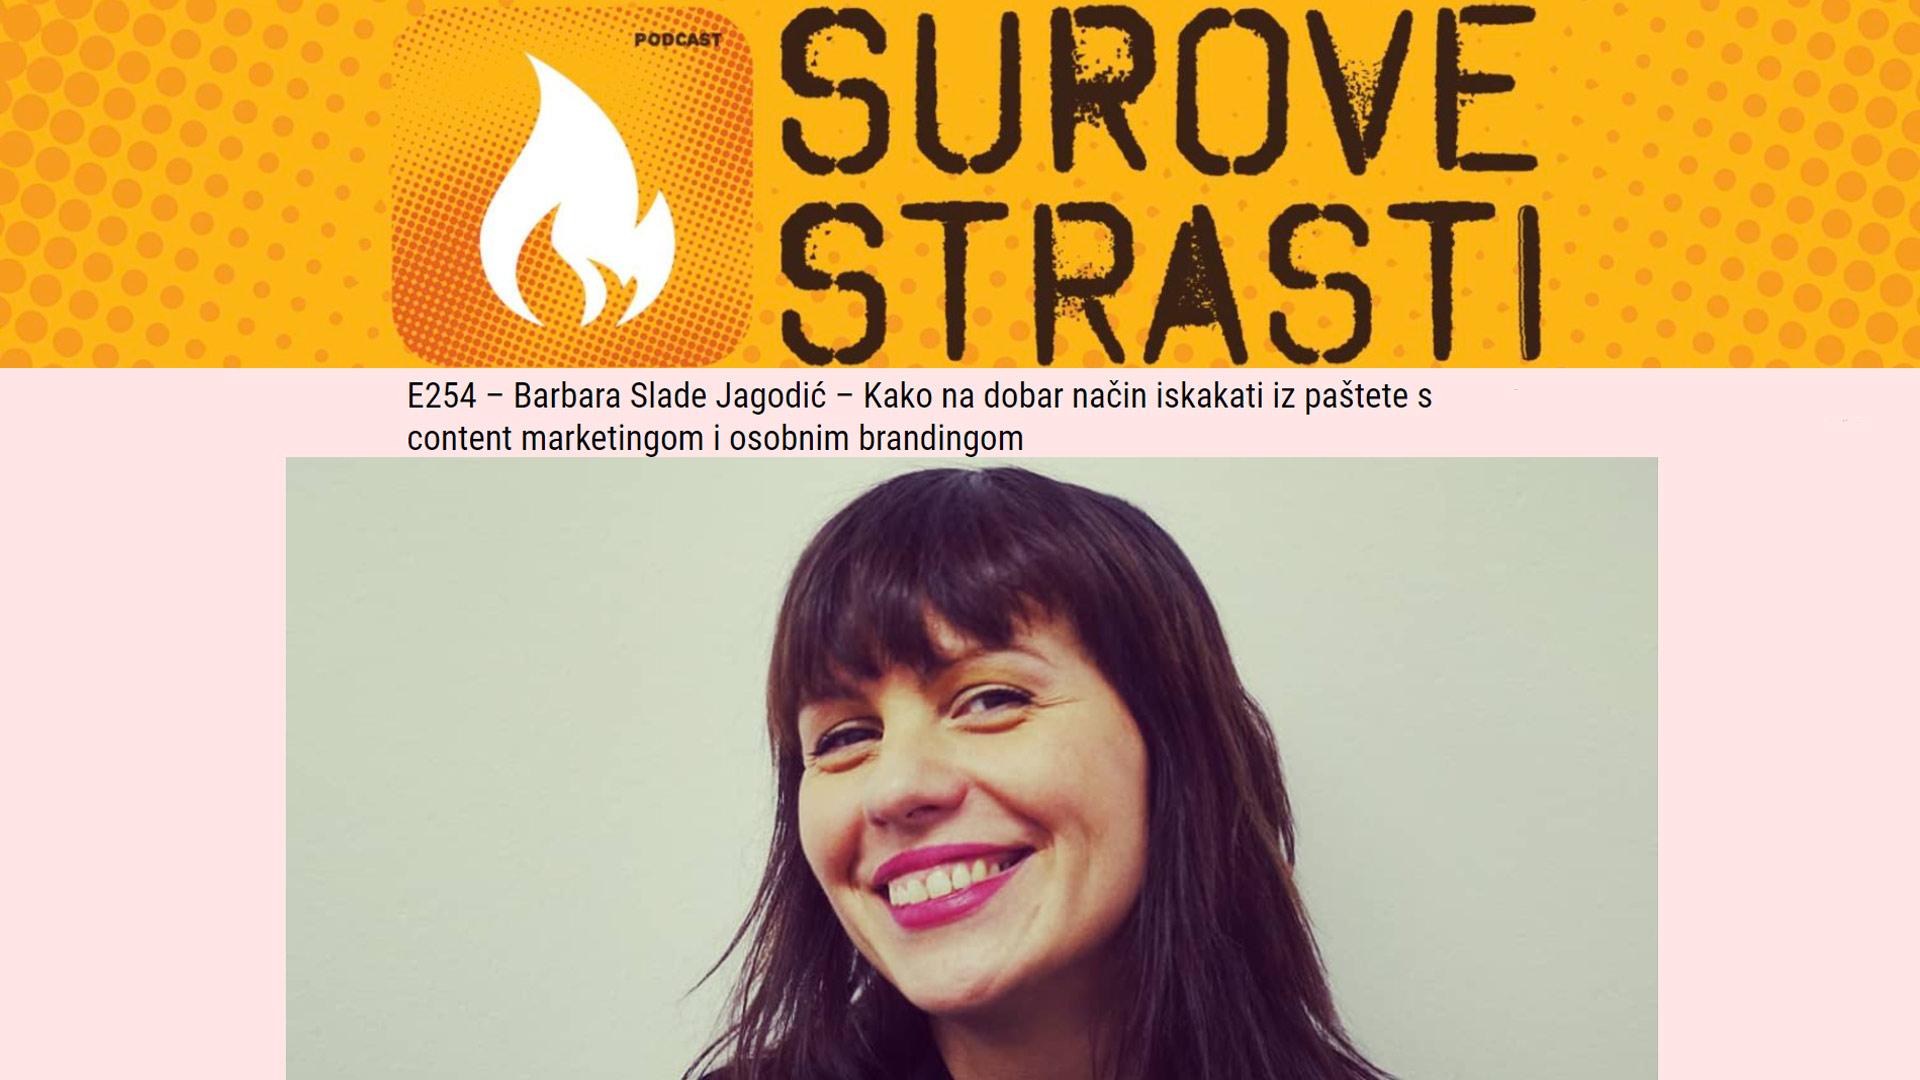 Barbara Slade Jagodić podcast